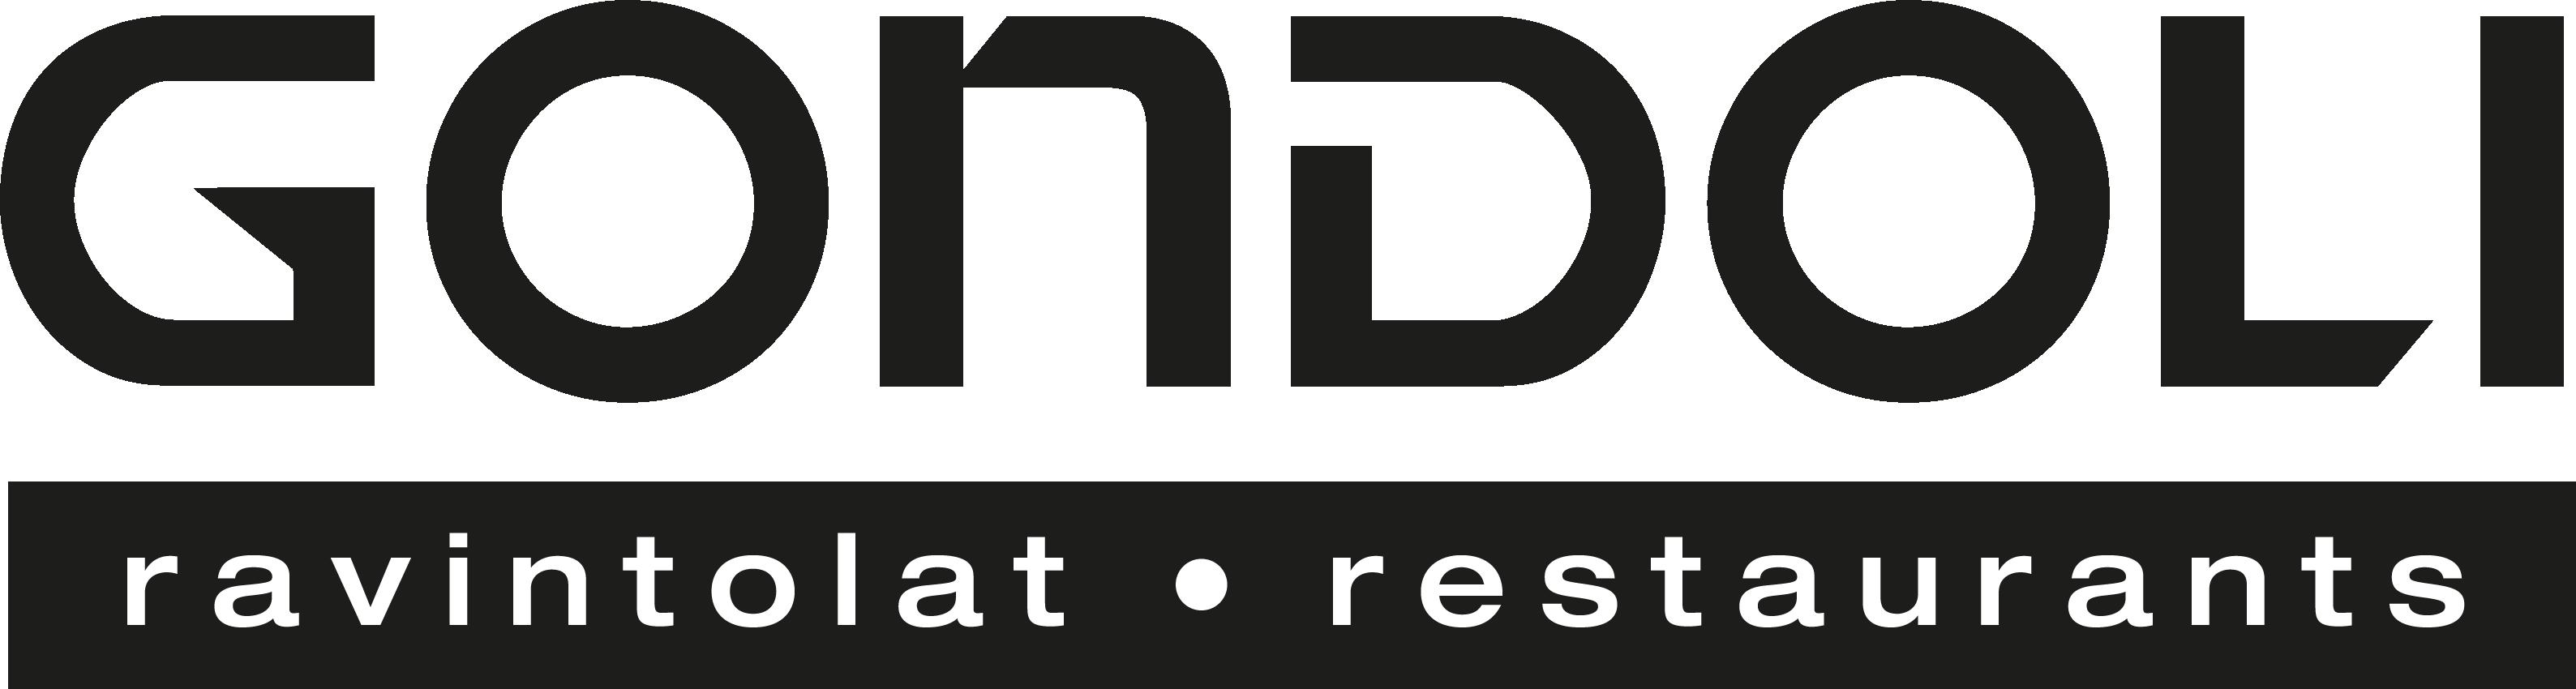 Gondoliravintolat_logo